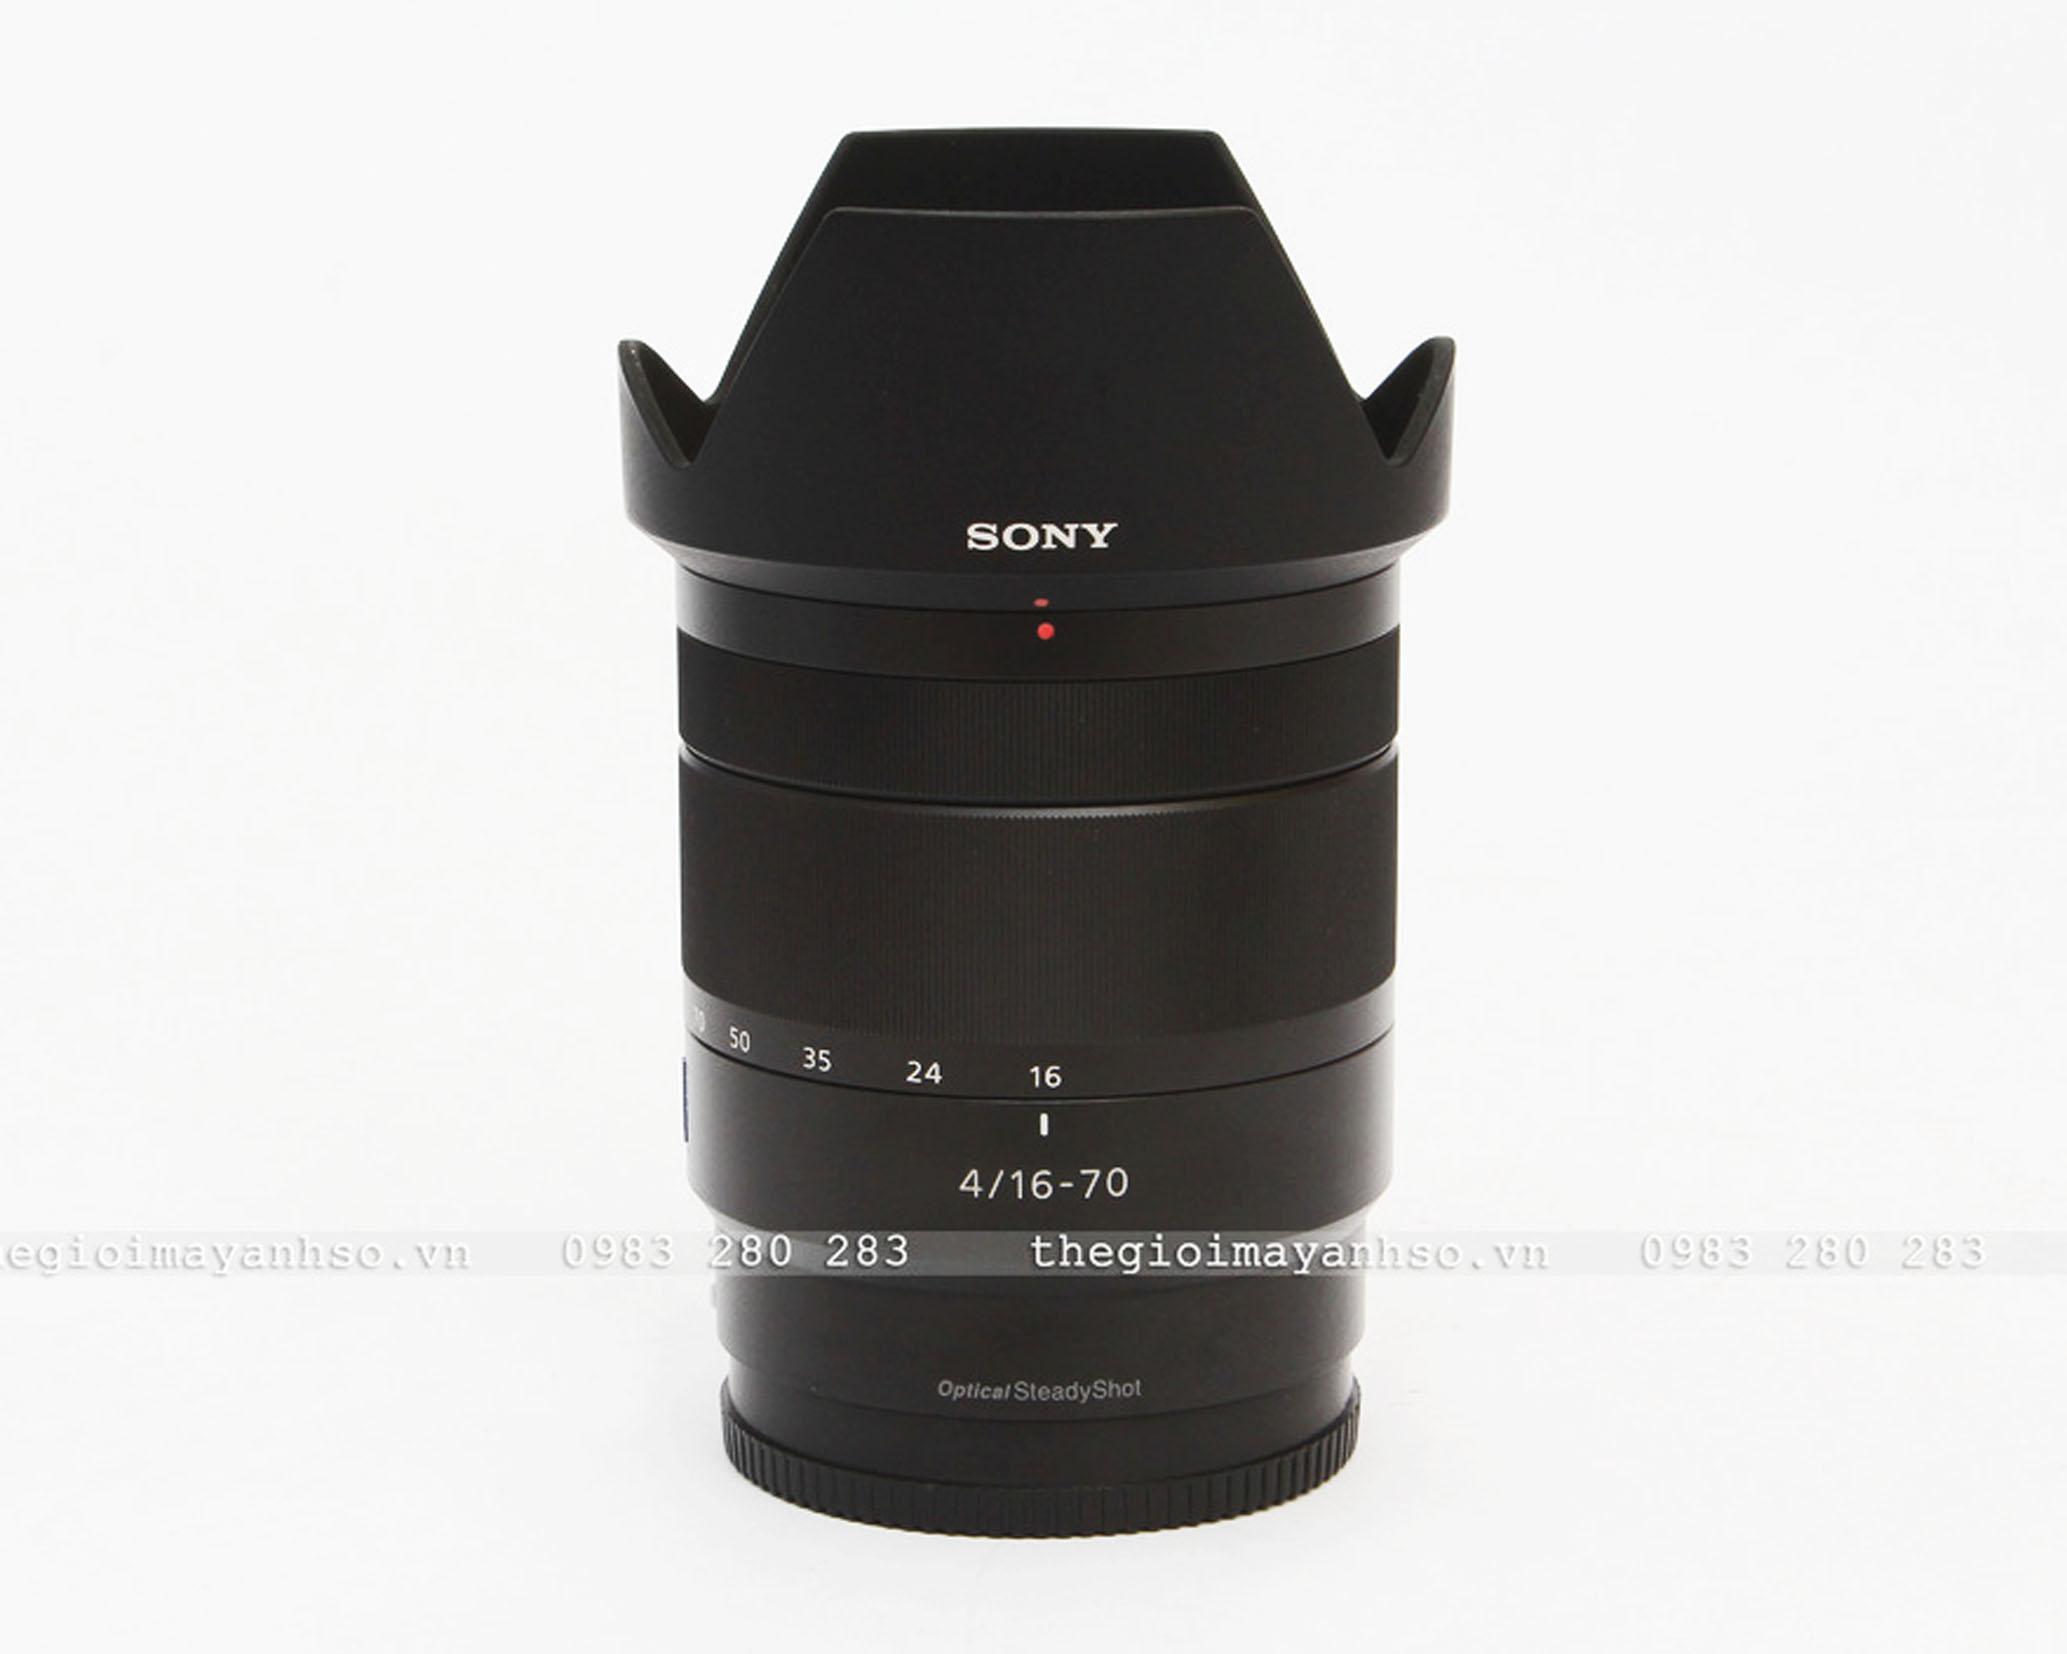 Sony Vario-Tessar T* E 16-70mm f/4 ZA OSS